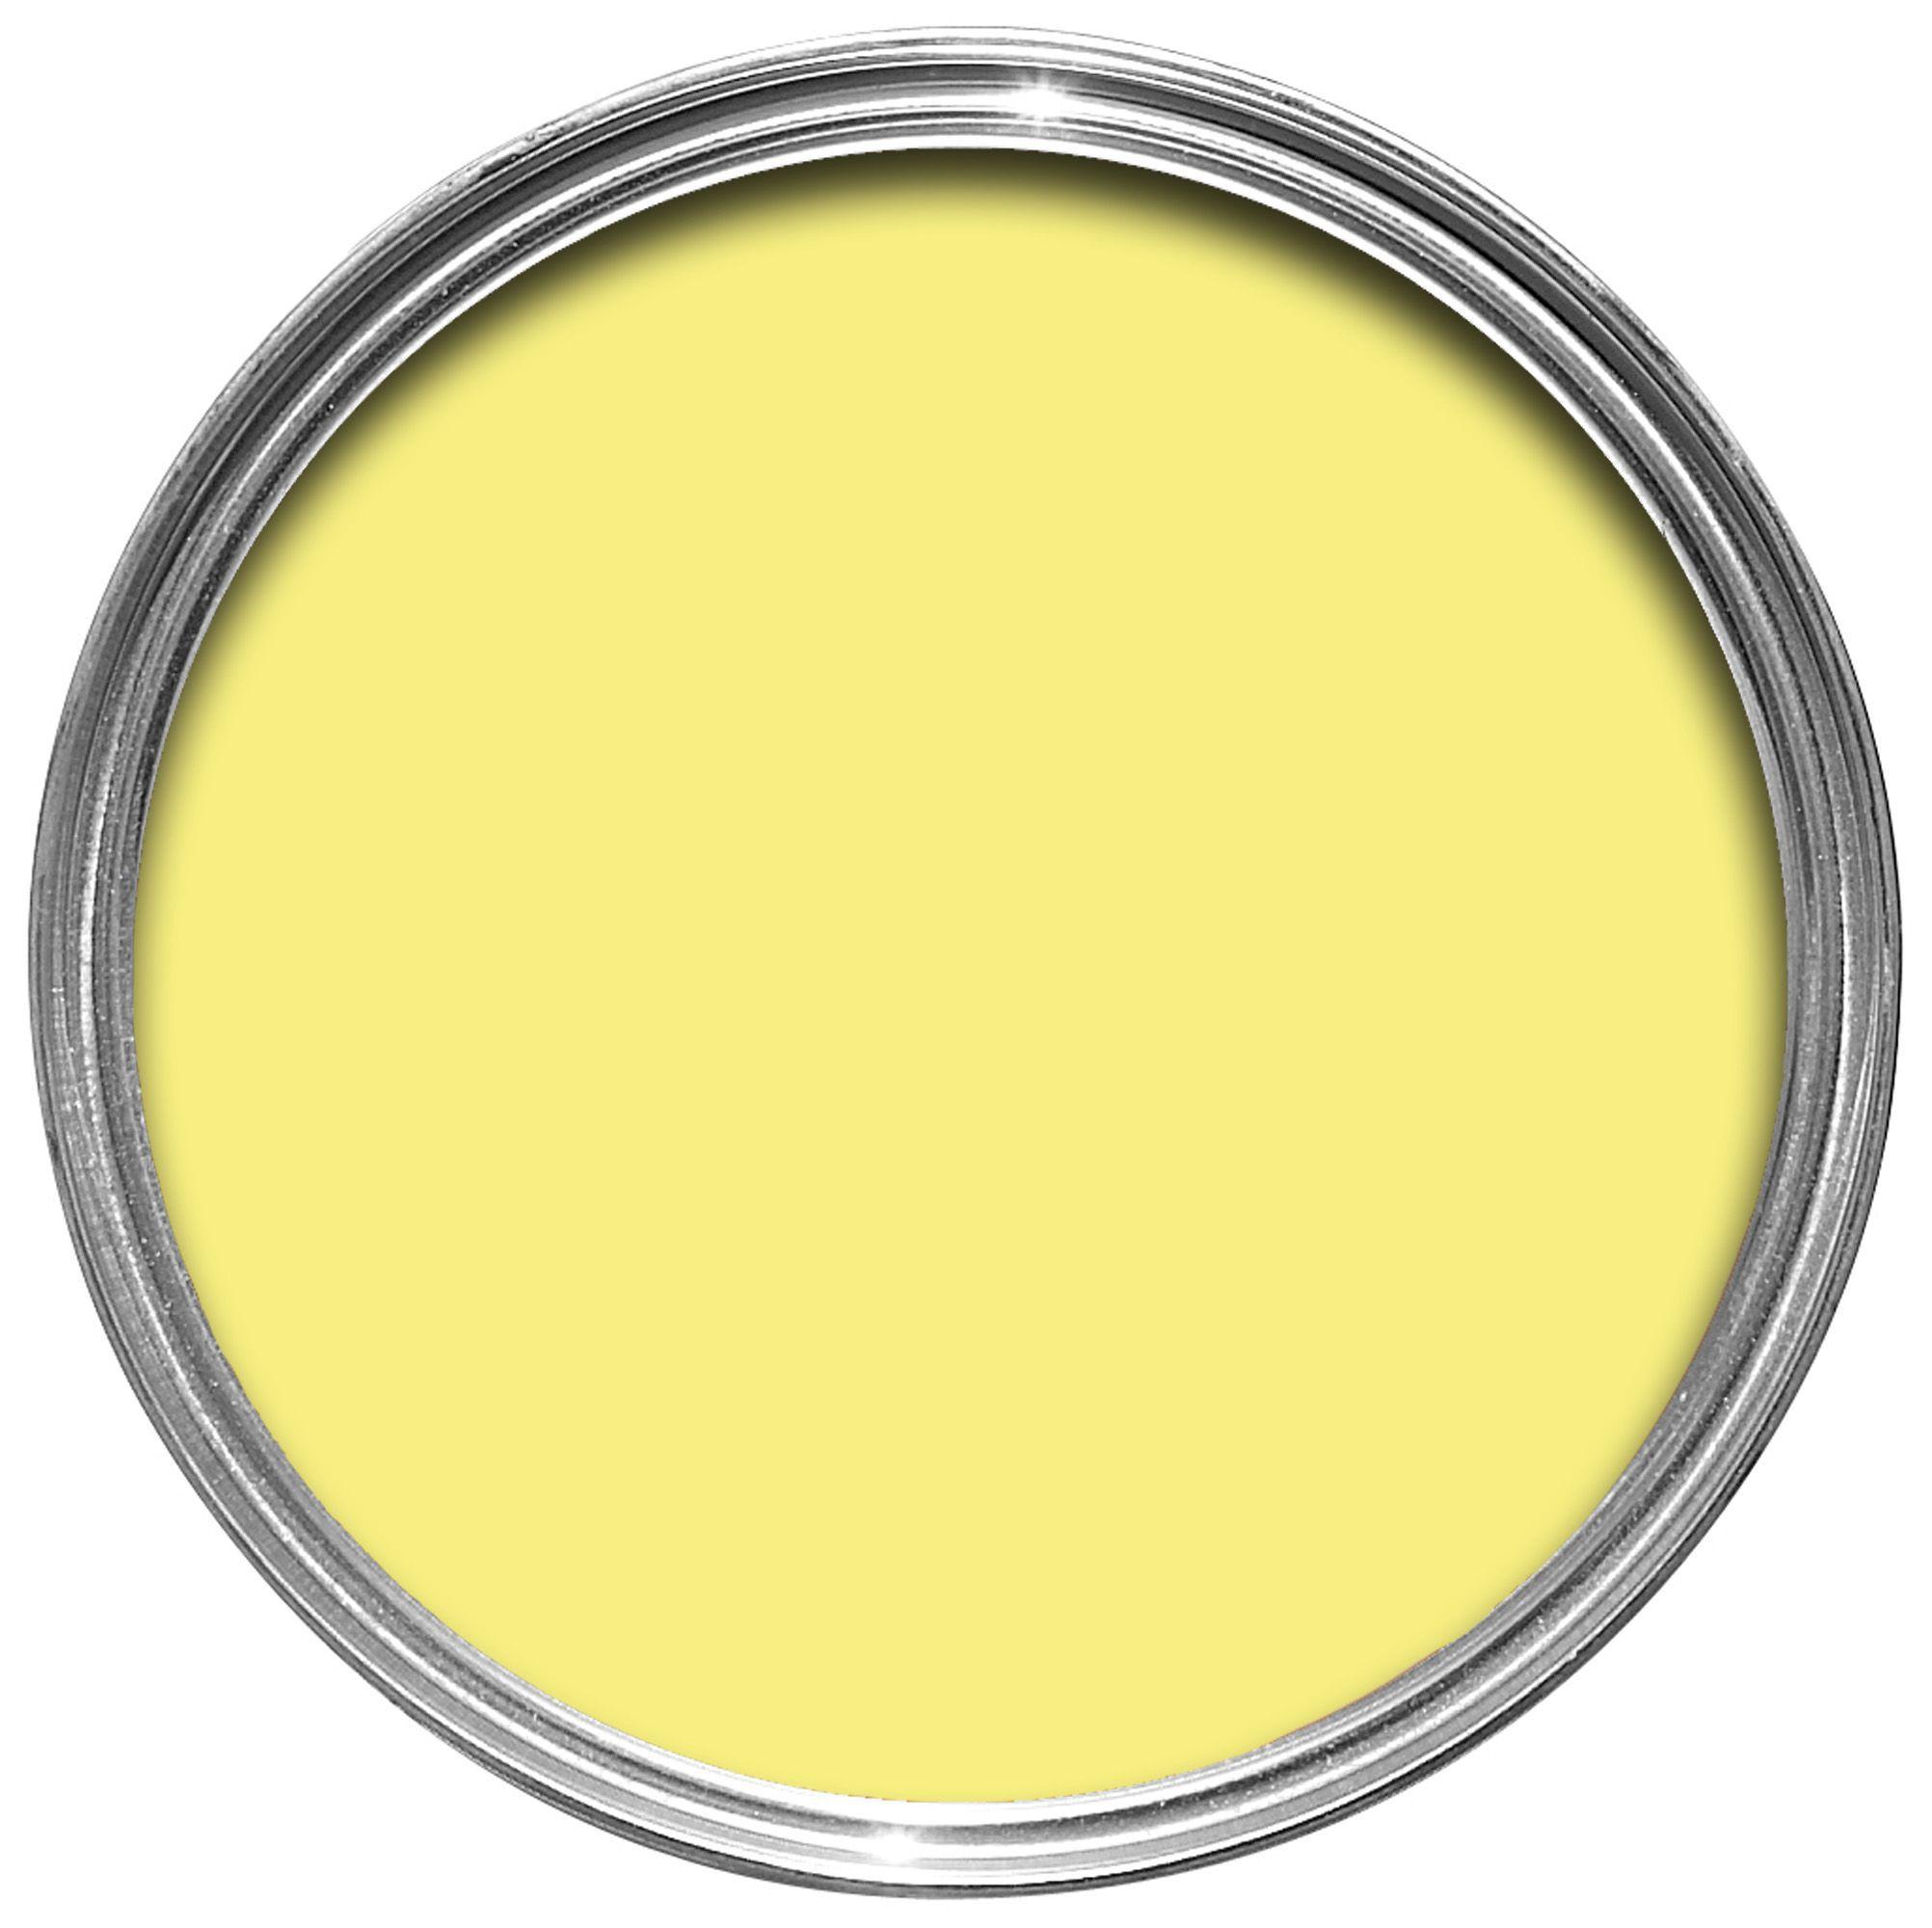 Rust Oleum Painter S Touch Internal Amp External Lemon Gloss